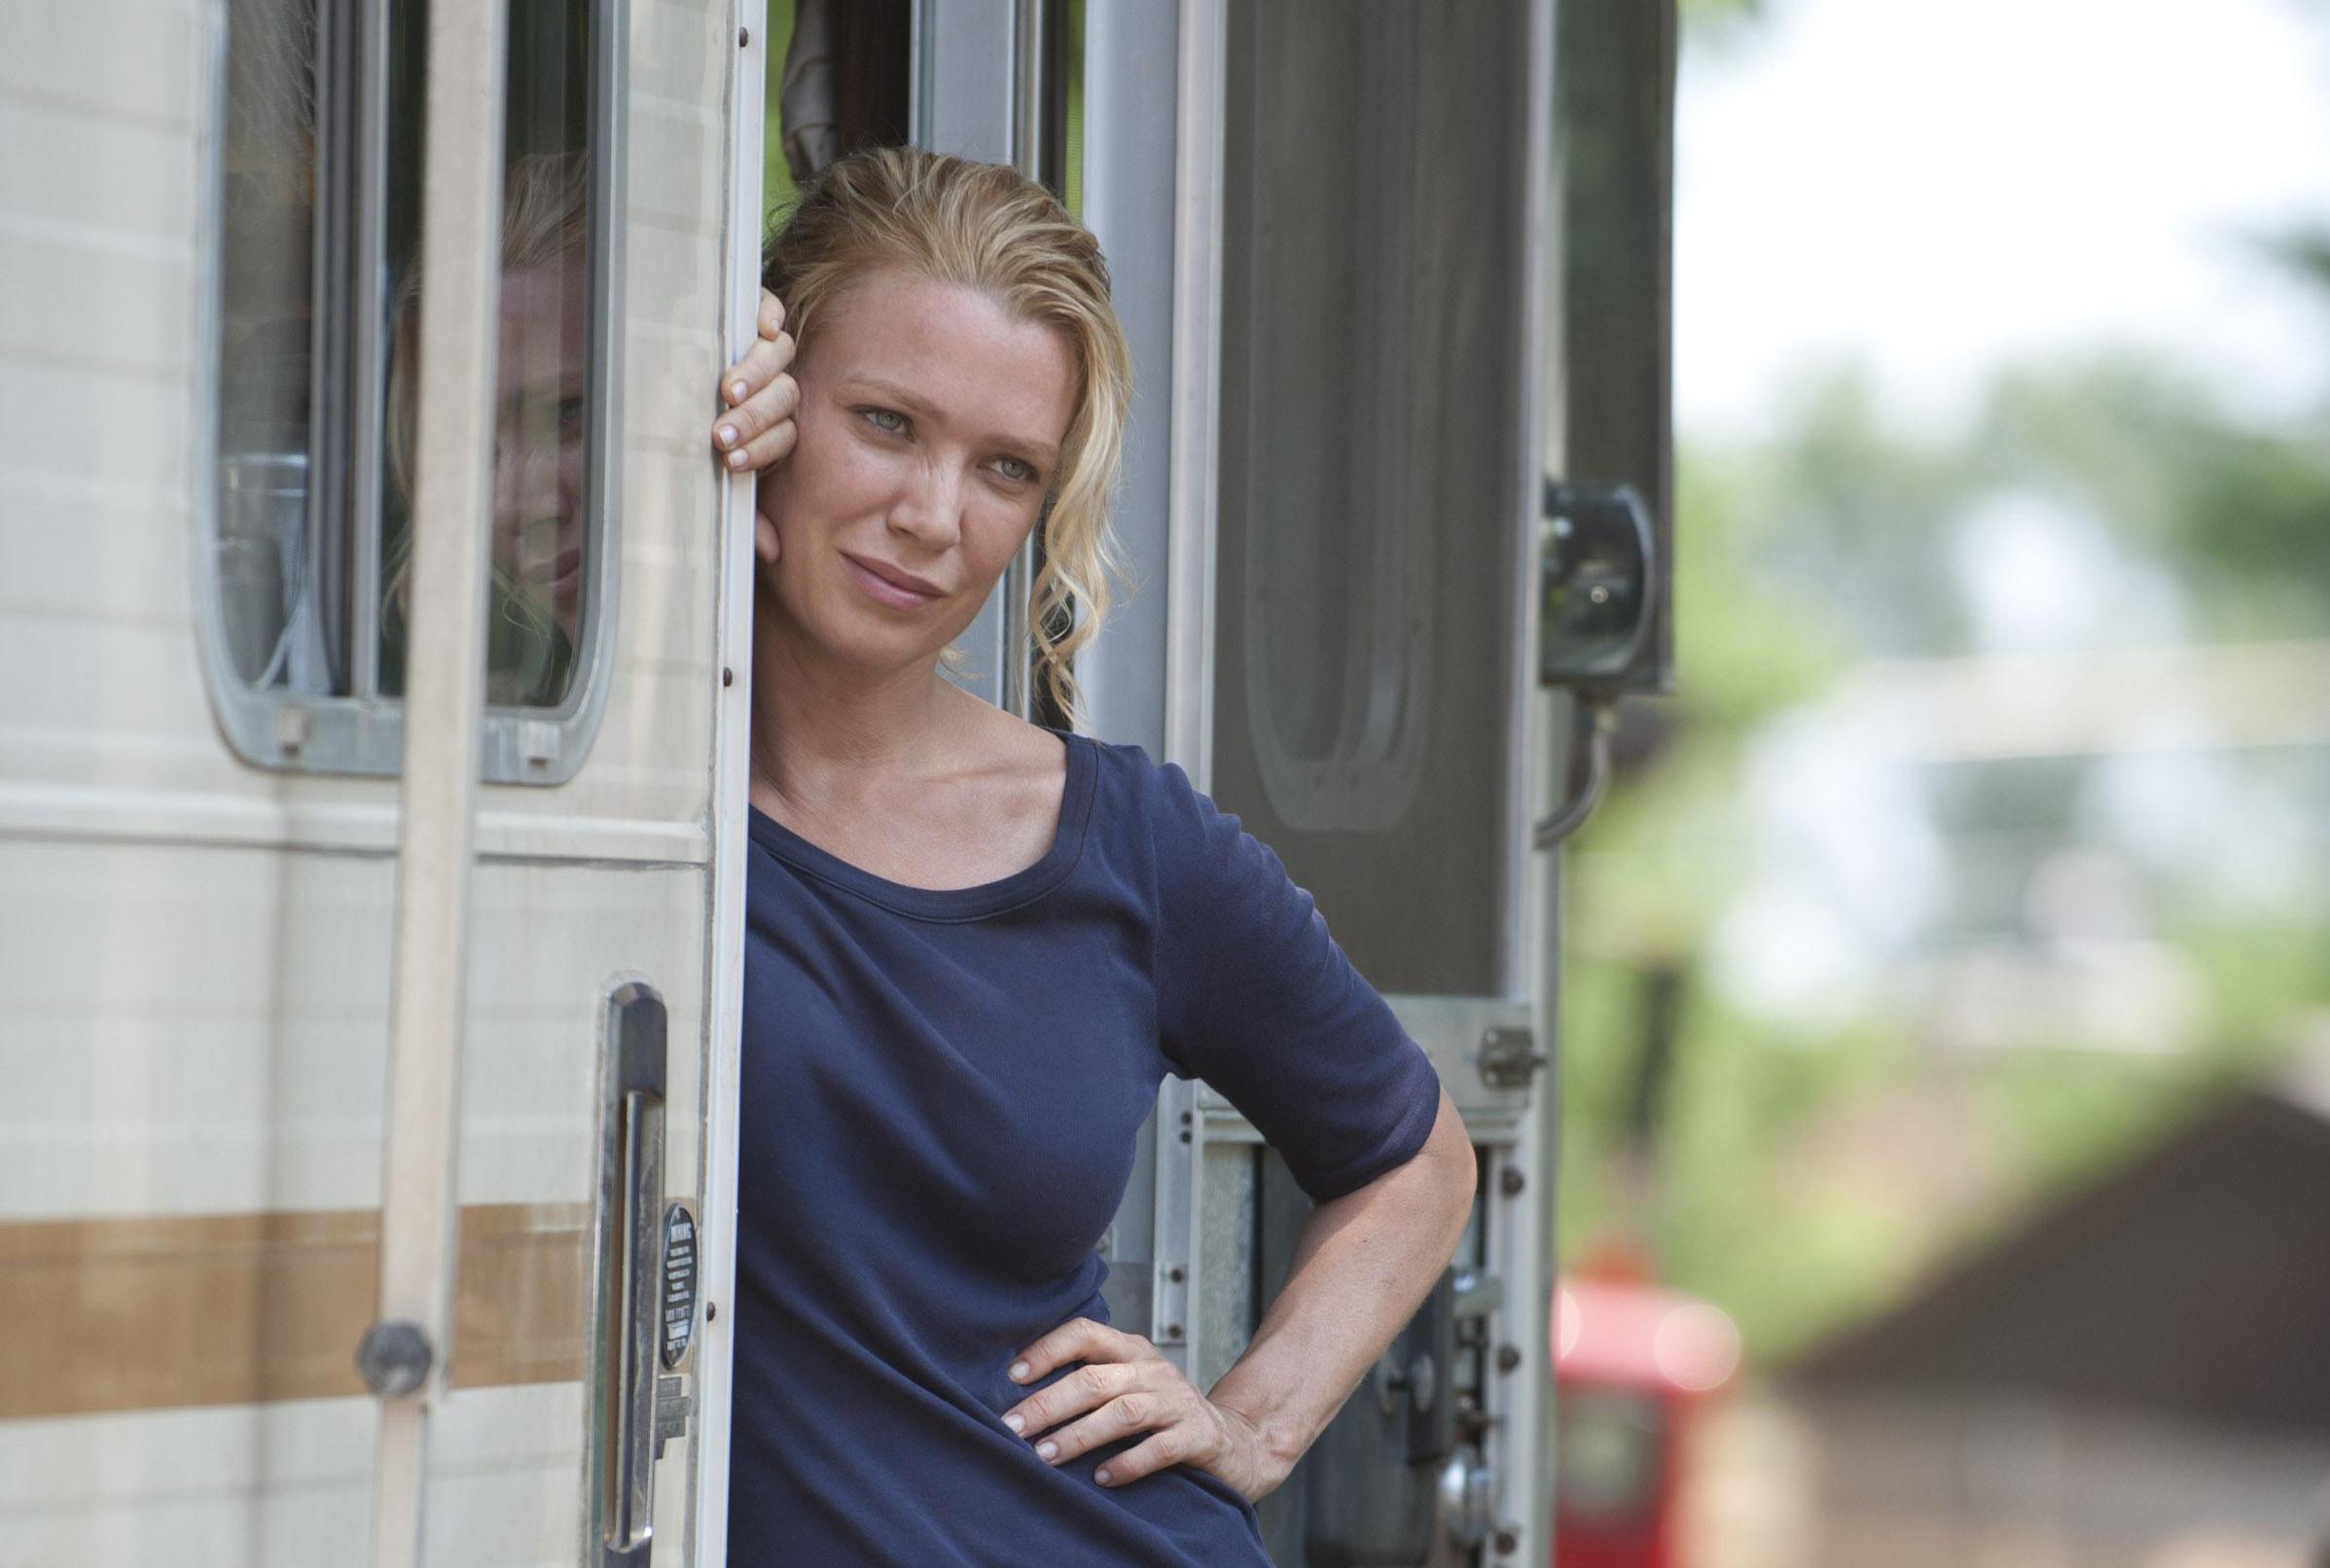 Laurie Holden, Andrea em The Walking Dead, fala de cenas de sexo, lingeries e fãs furiosos